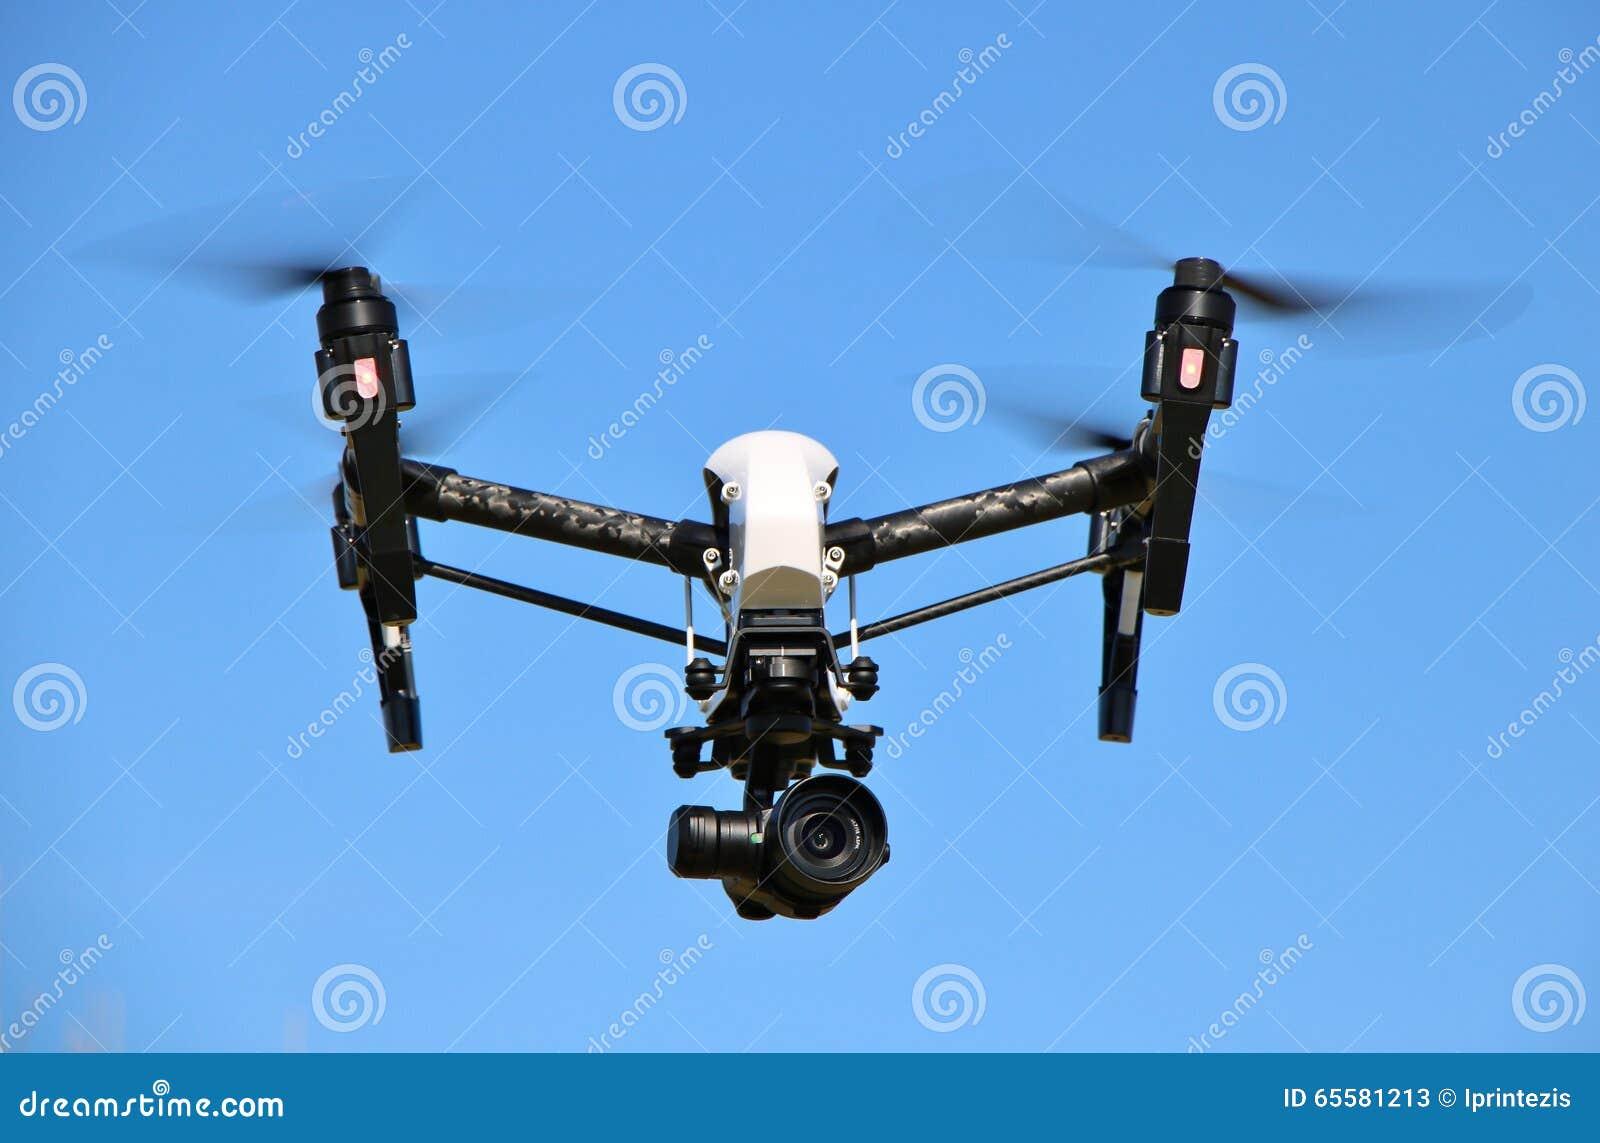 Zangão com câmara de vigilância